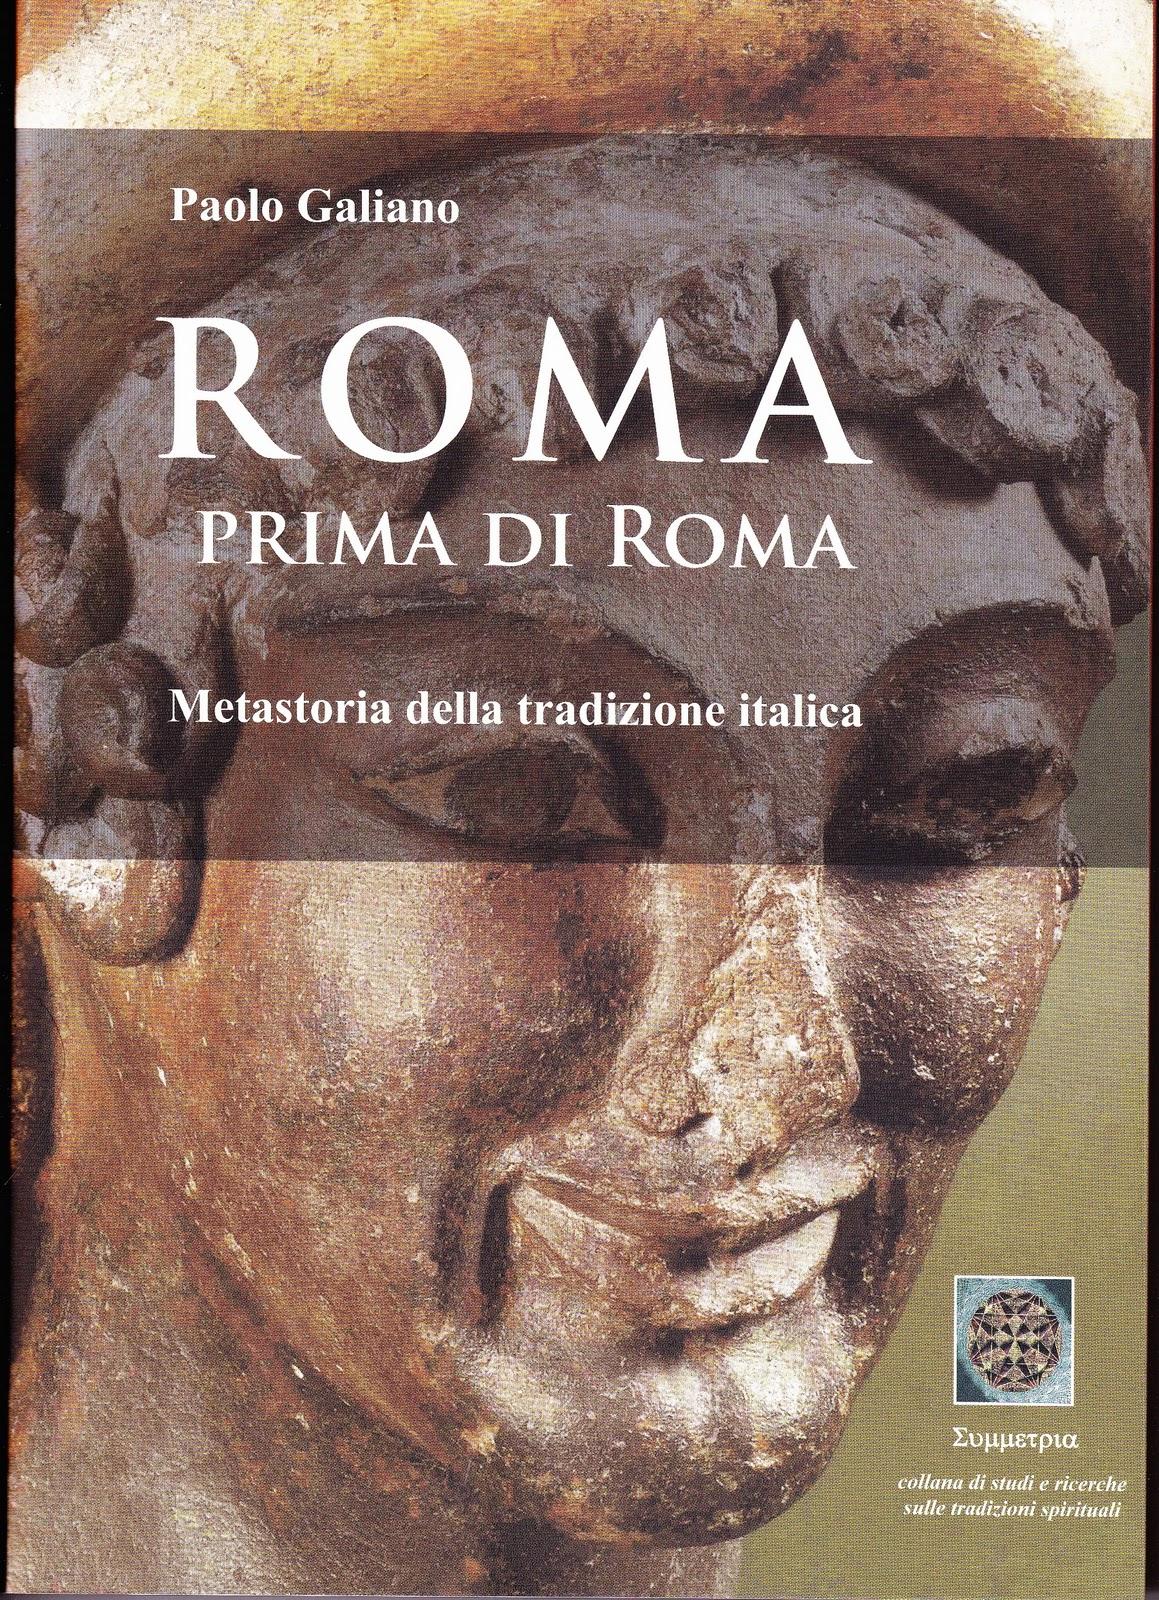 Roma prima di Roma. Metastoria della tradizione italica